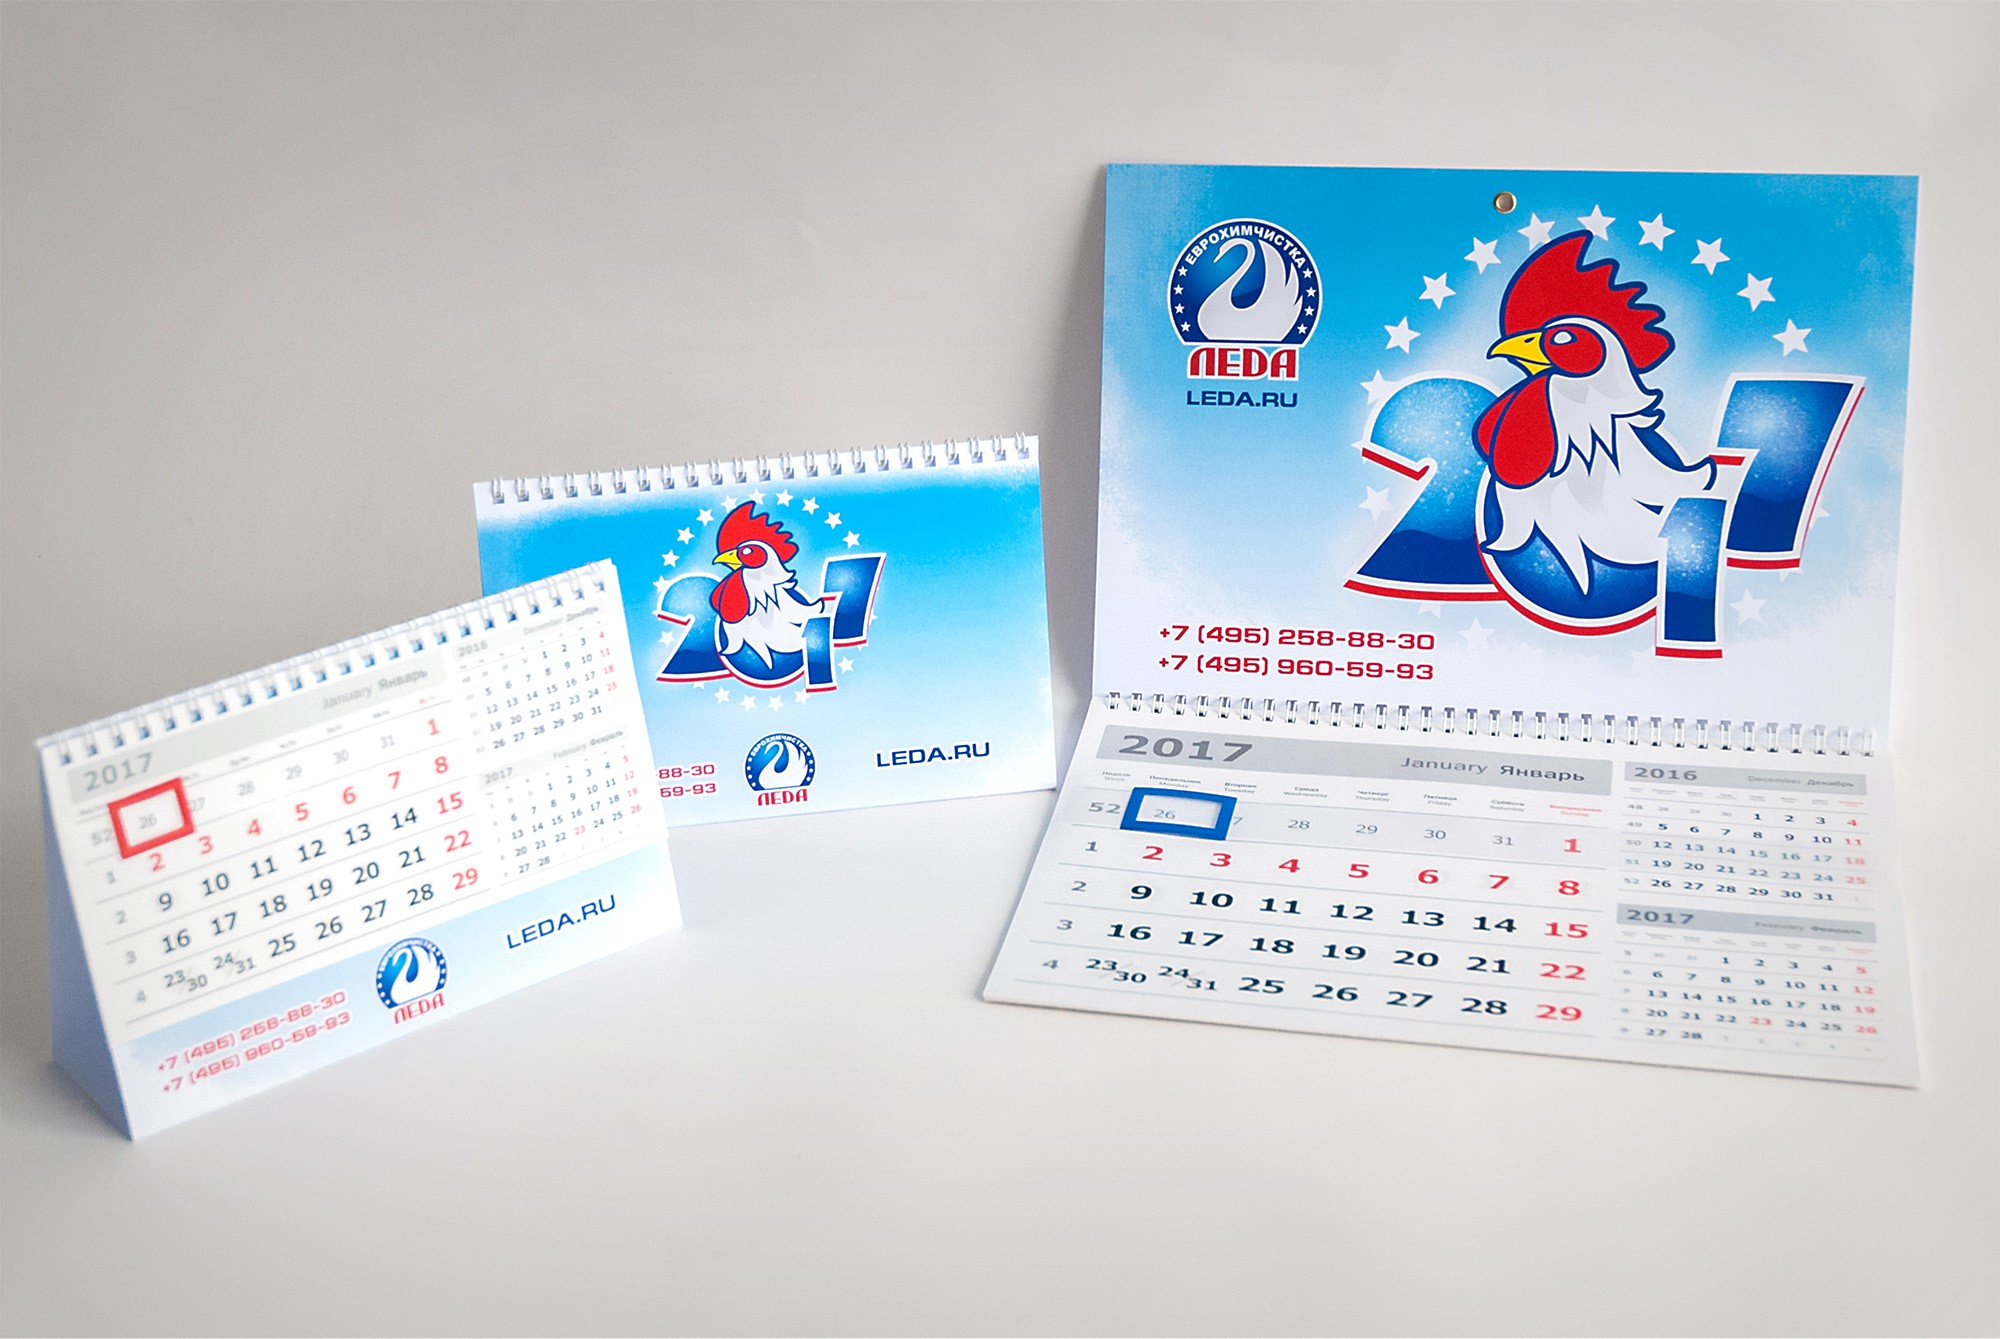 Печать календарей с логотипом в Москве   фото 3